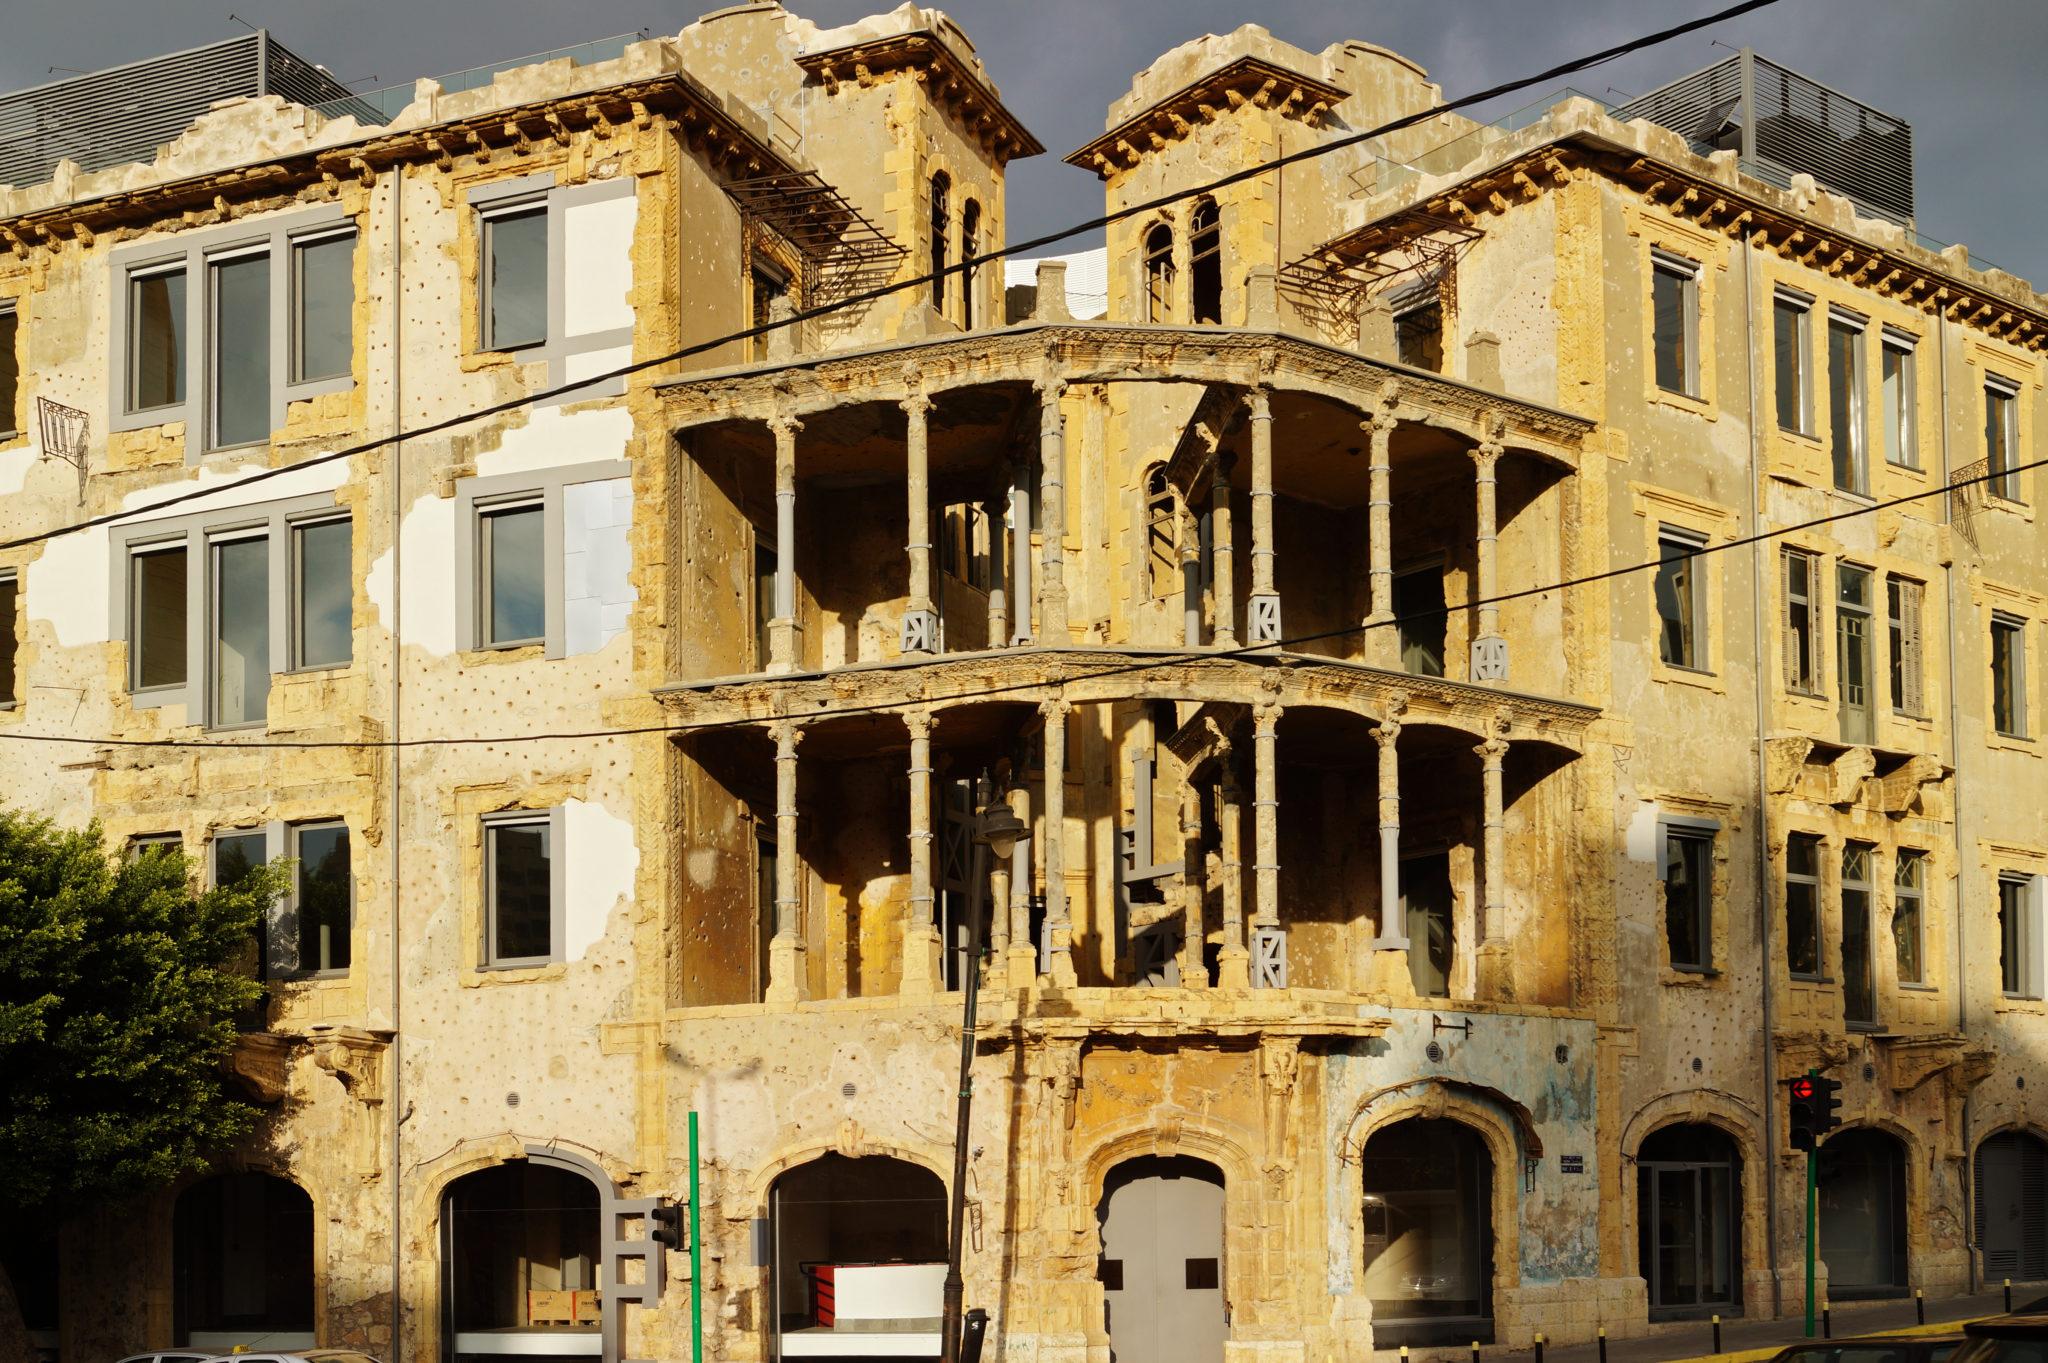 In Beirut findet man immer noch Relikte der Vergangenheit